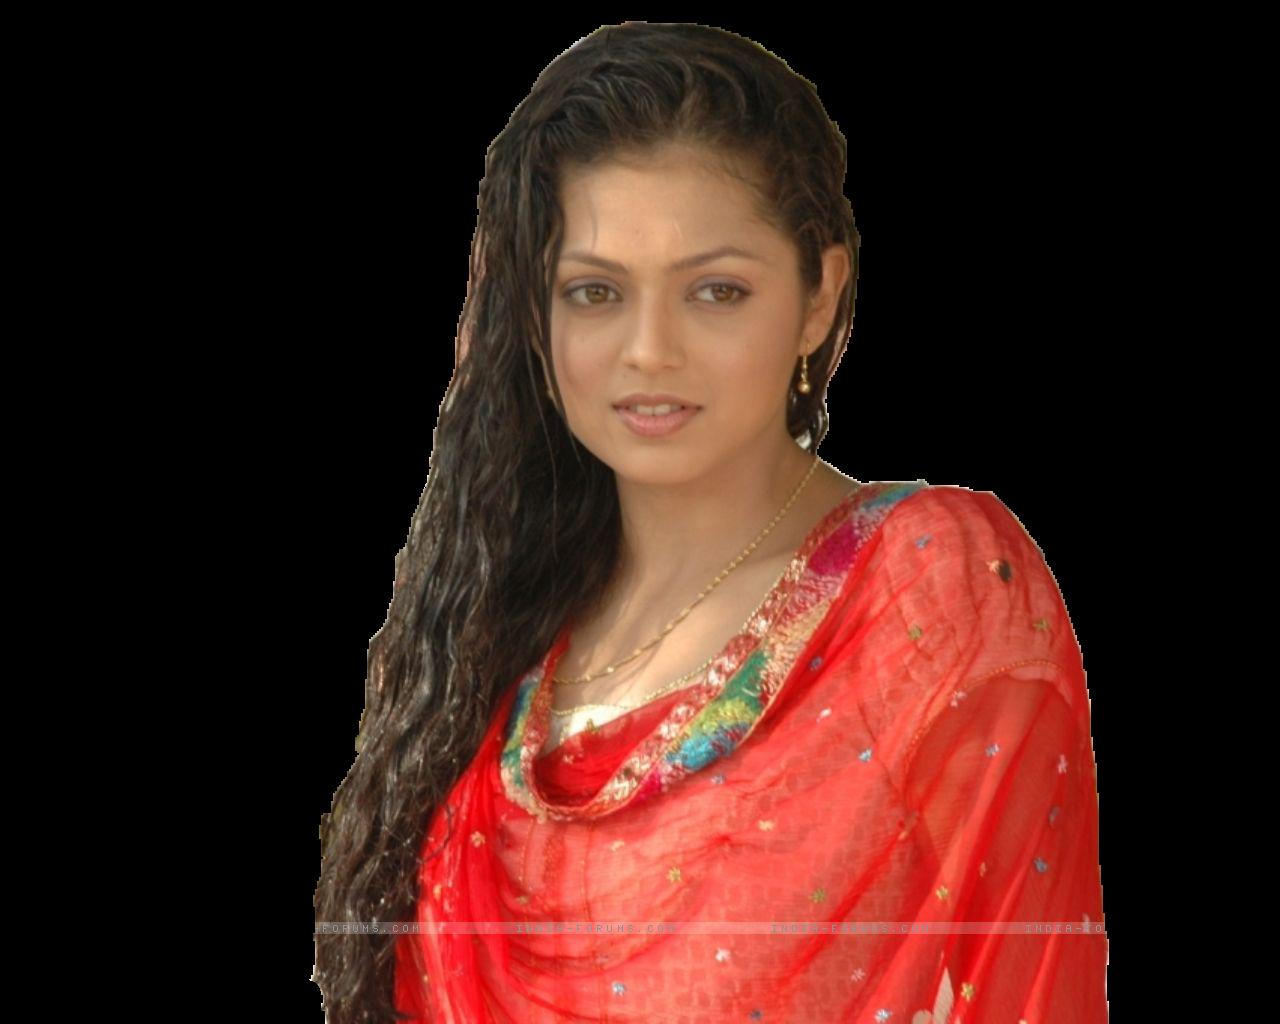 transparent saree boobs